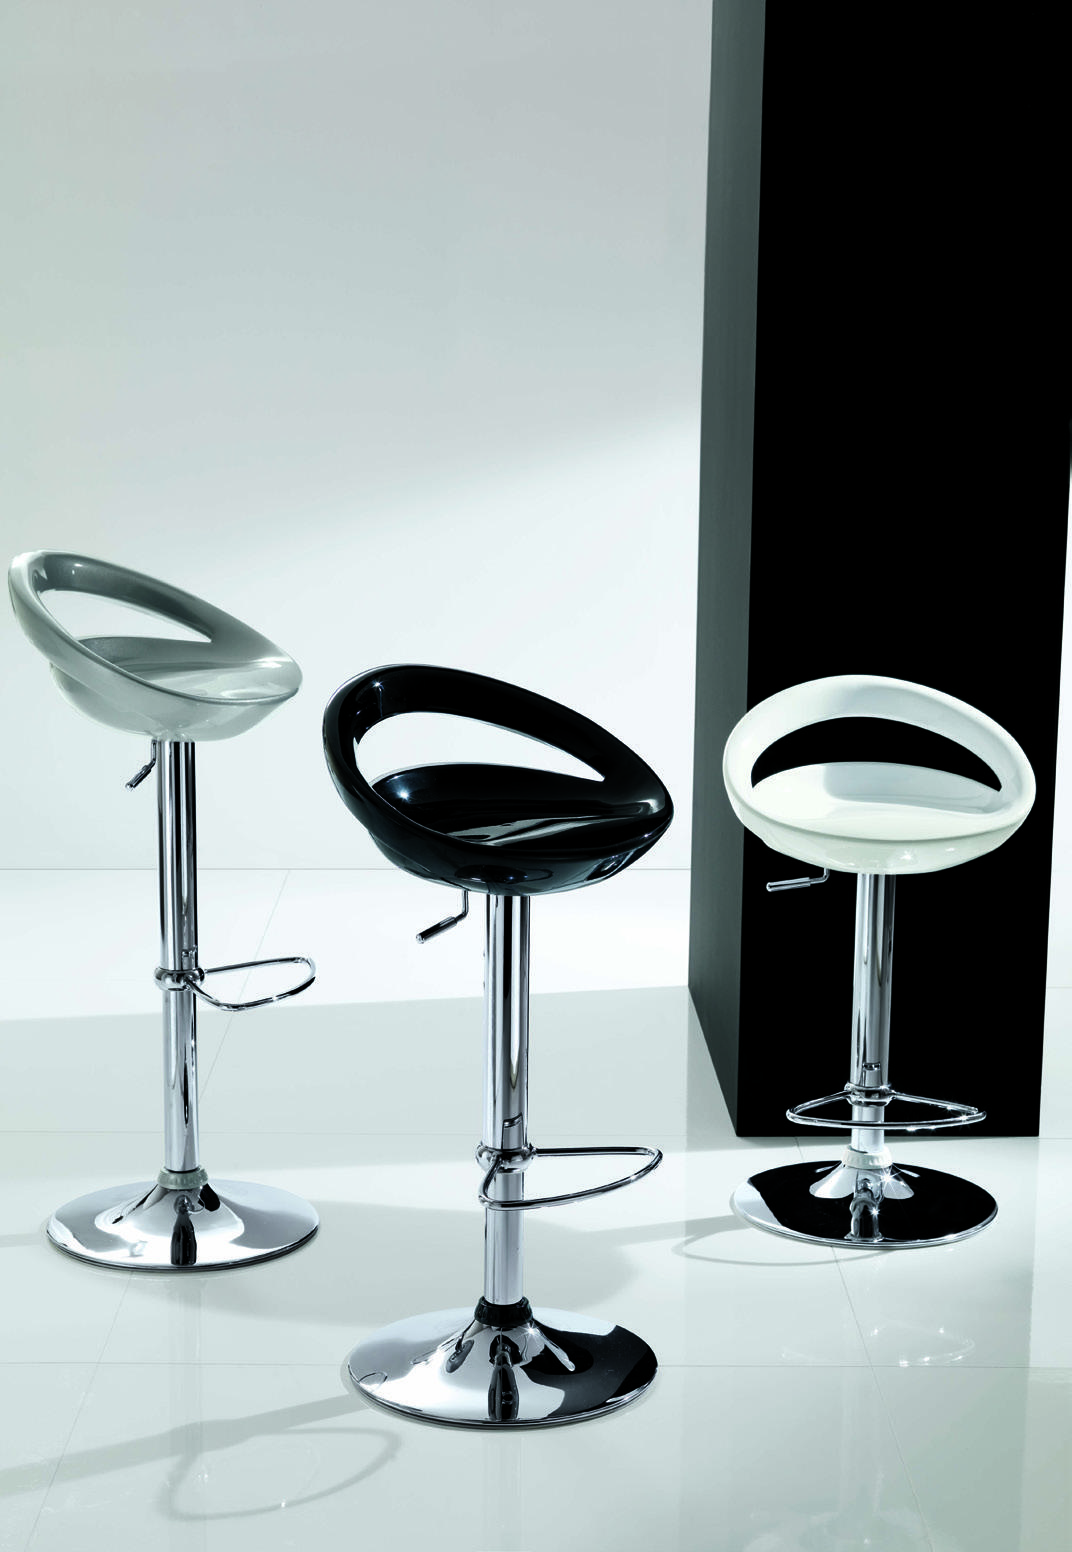 Tavoli sedie complementi d 39 arredo galimberti sedie for Galimberti sedie